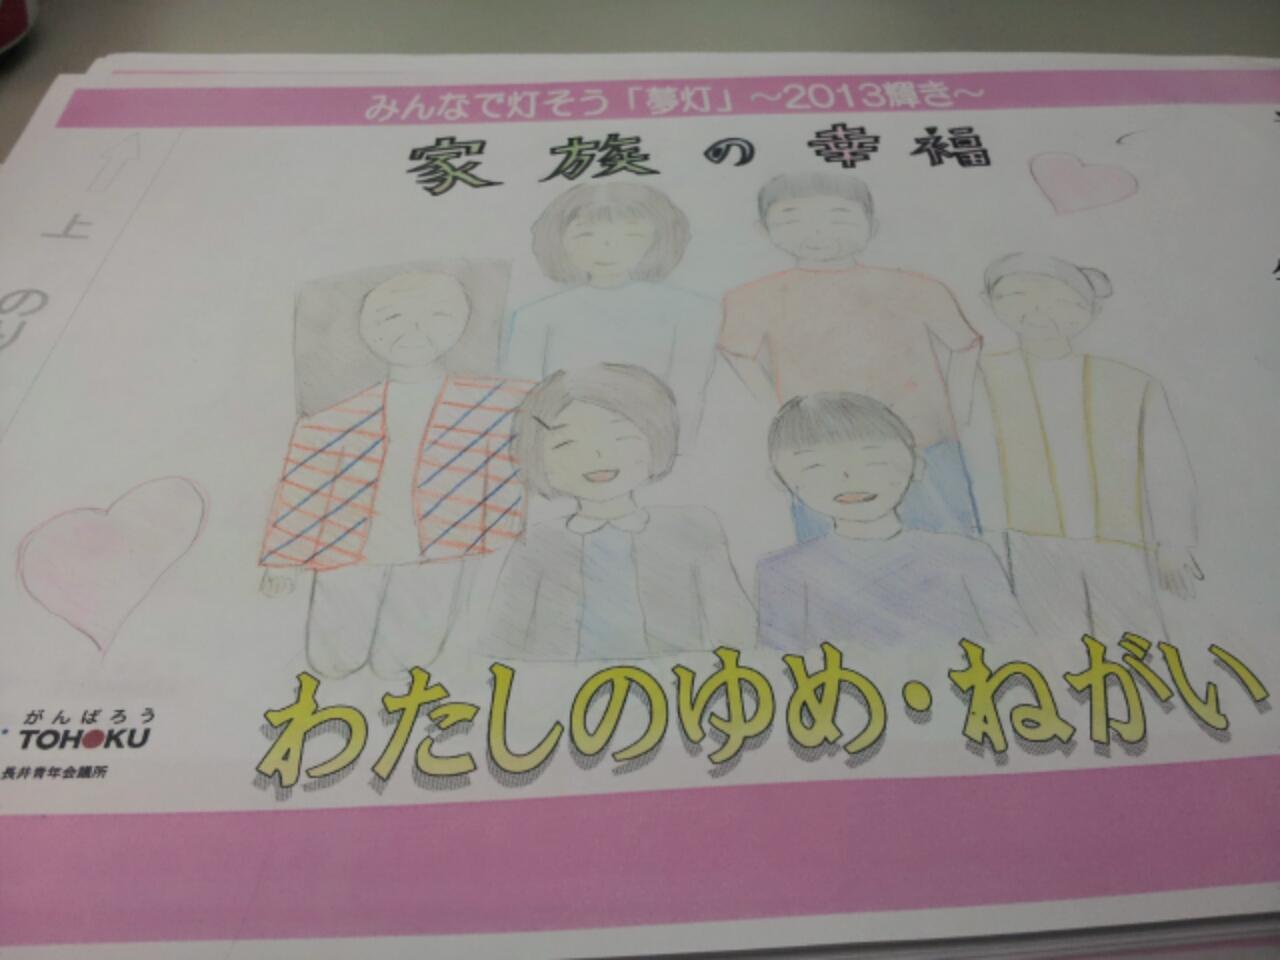 6/18(火) 夢灯 ランタン製作 2日目:画像